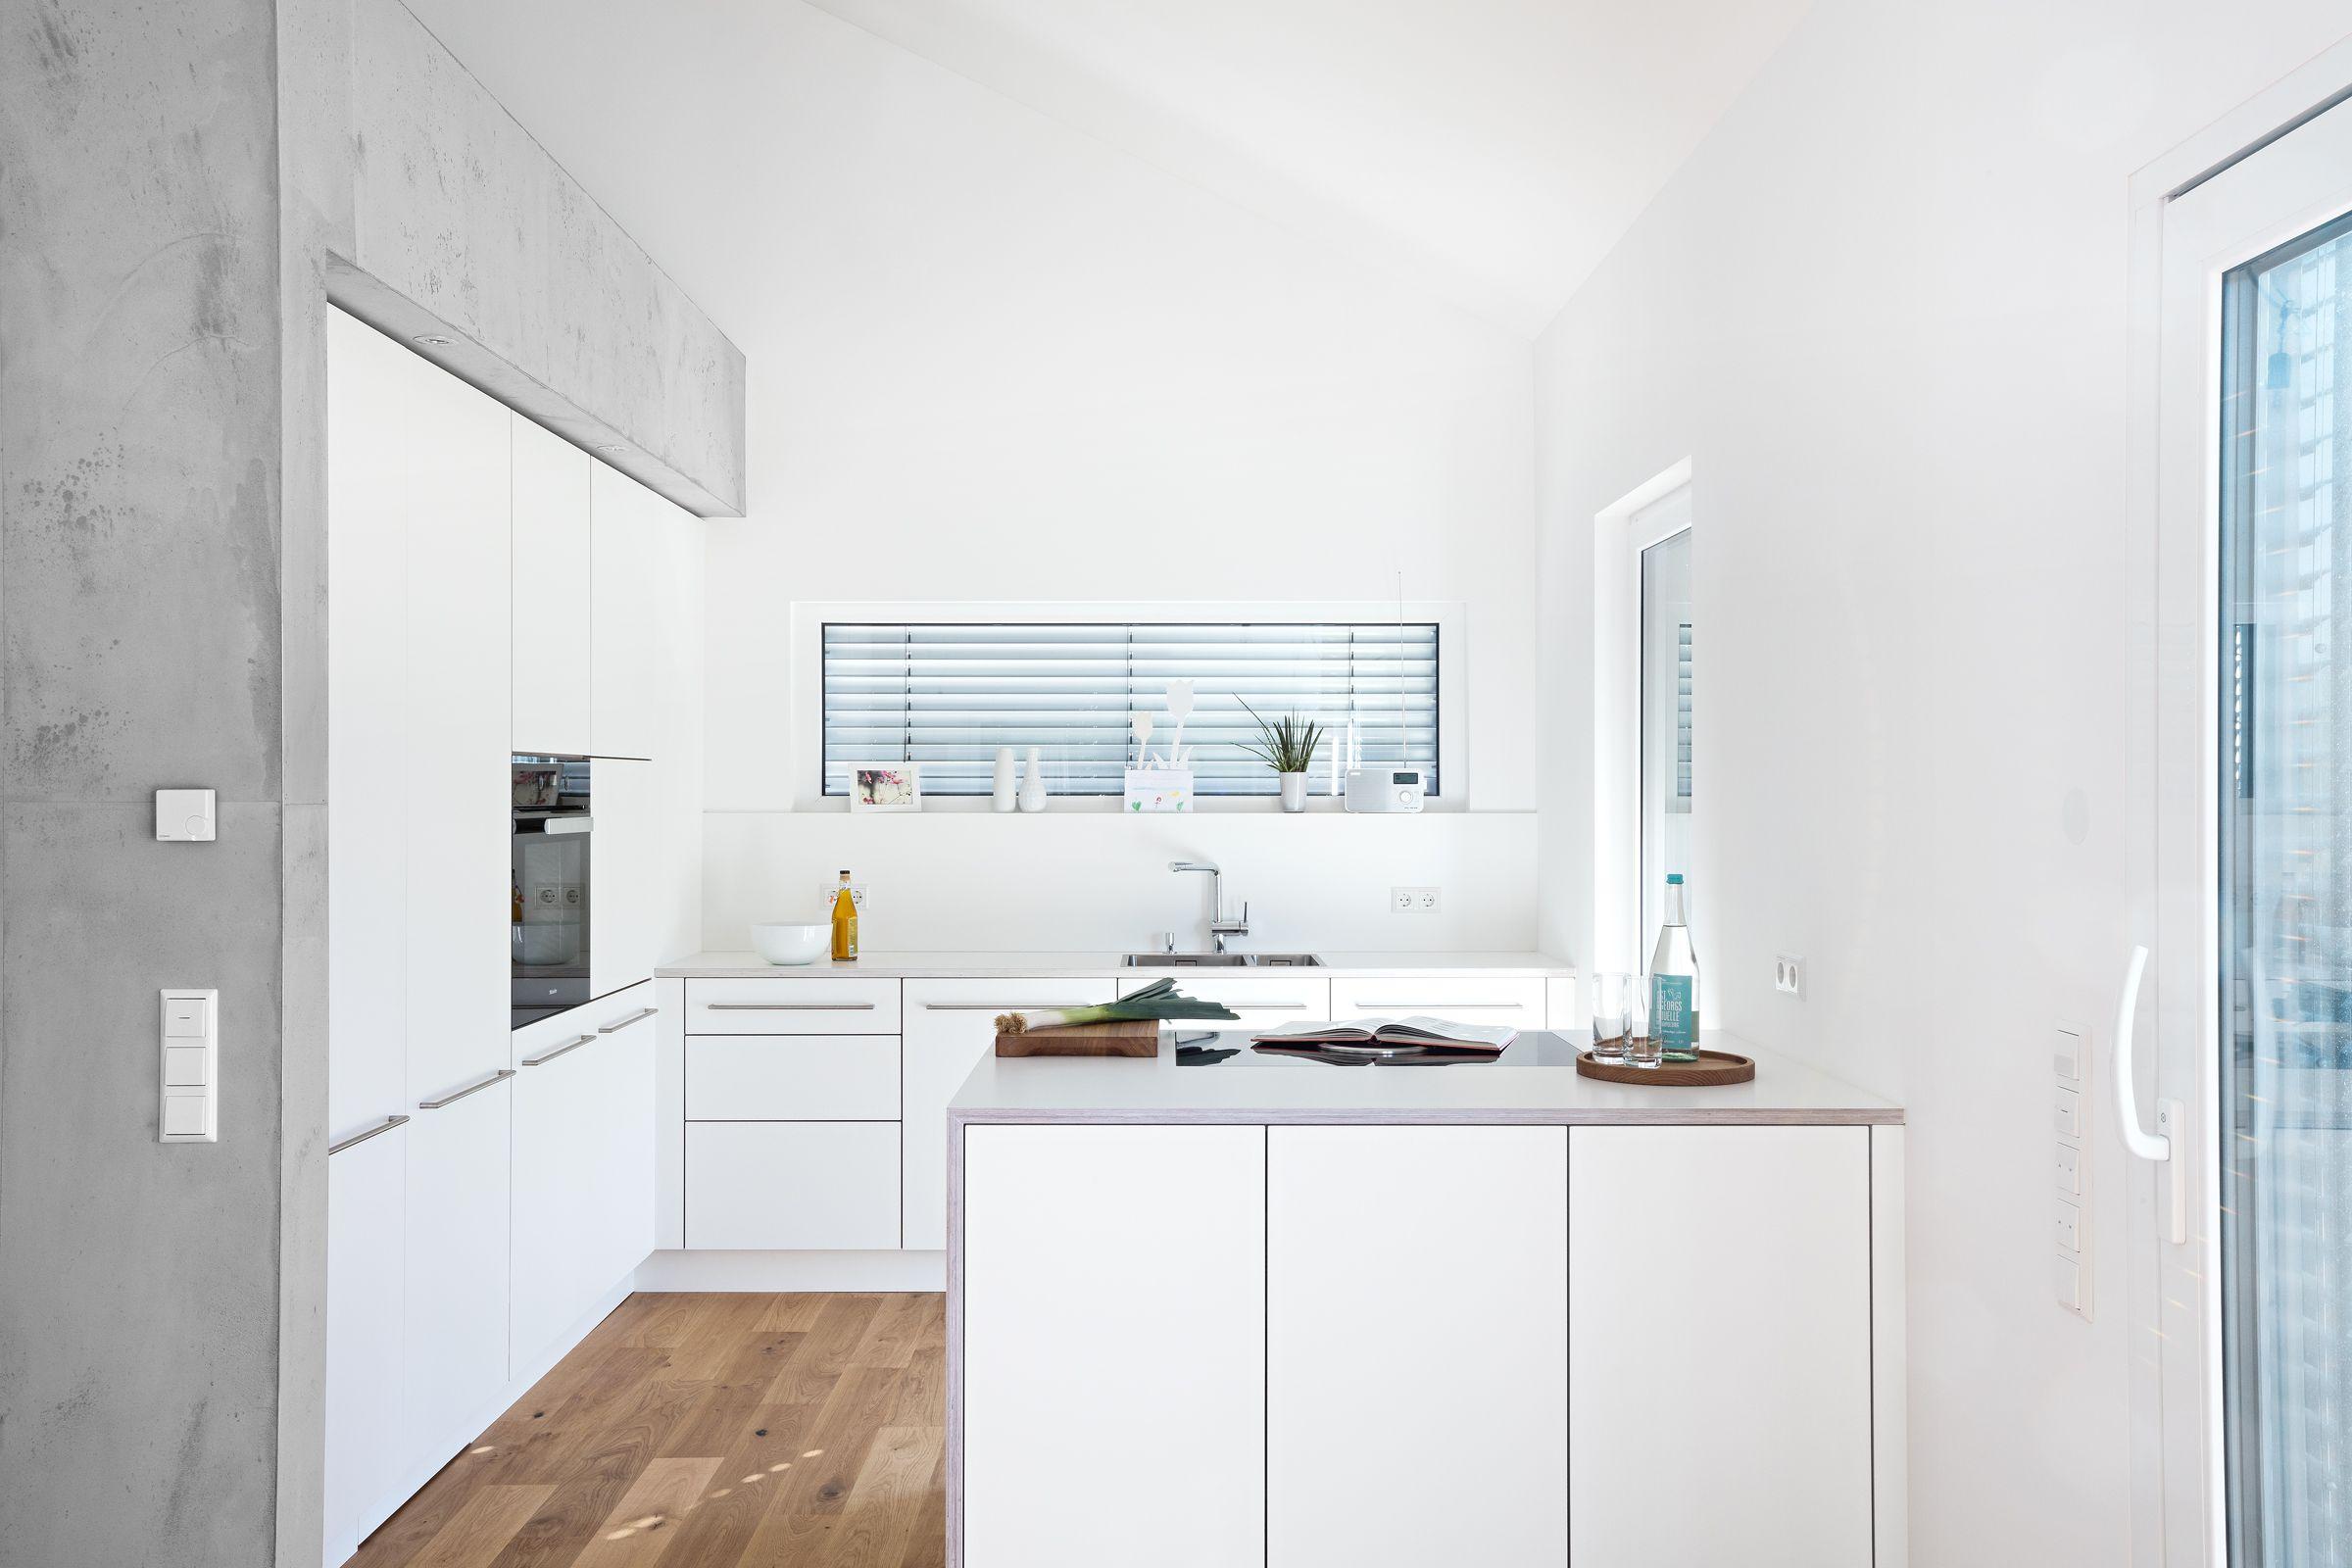 Weisse Kuche Mit Integrierter Speisekammer Und Betonelementen